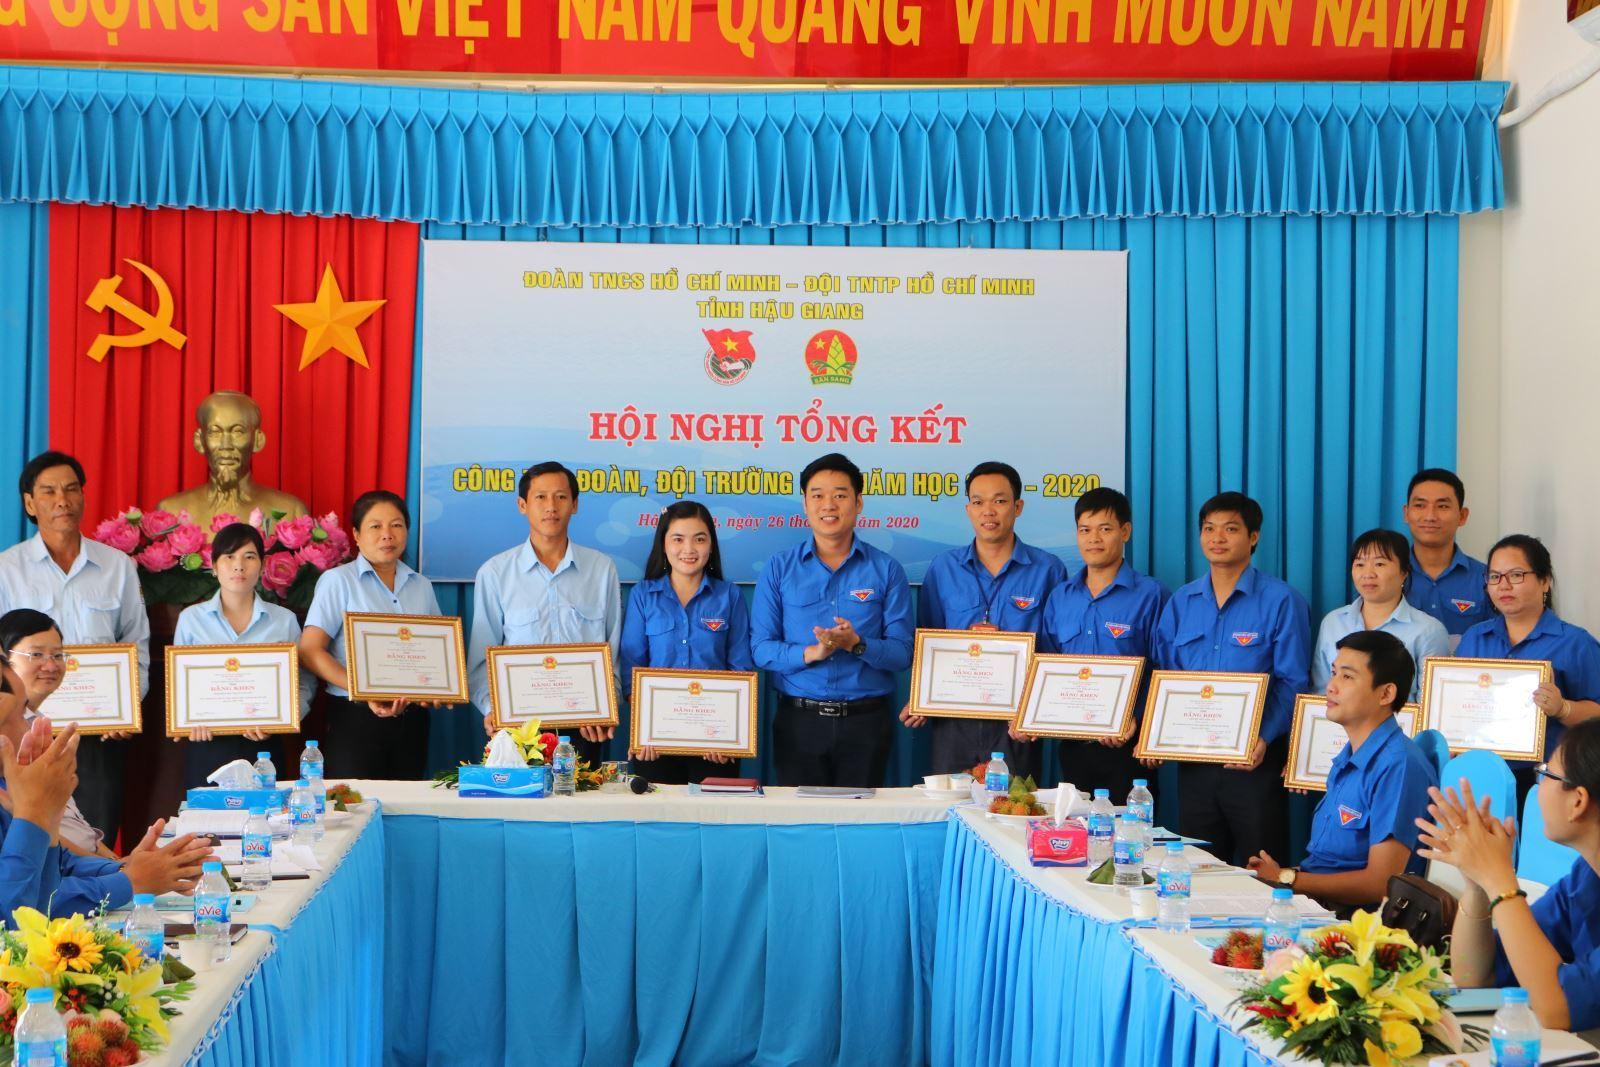 Hậu Giang tổng kết công tác Đoàn, Đội trường học năm học 2019-2020